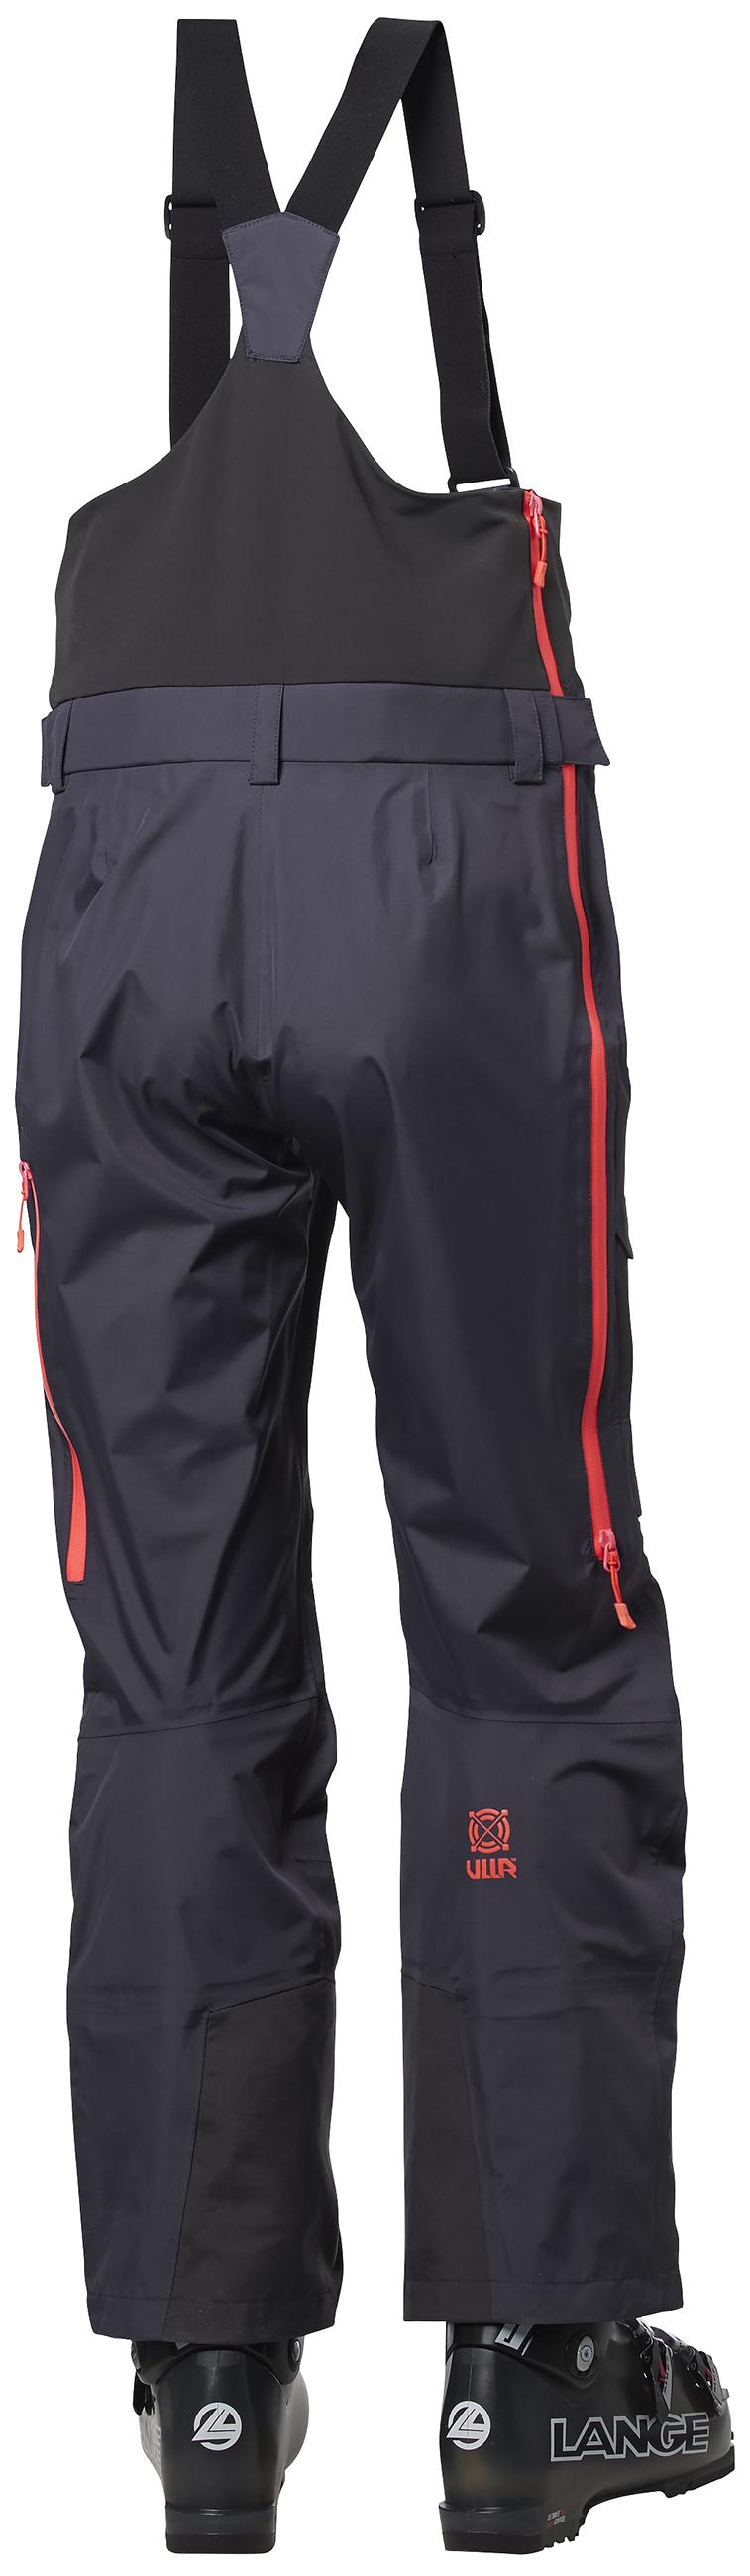 uusi luettelo urheilukengät kuuma myynti verkossa Helly Hansen Kvitegga Bib Shell Pants - Women's   MEC